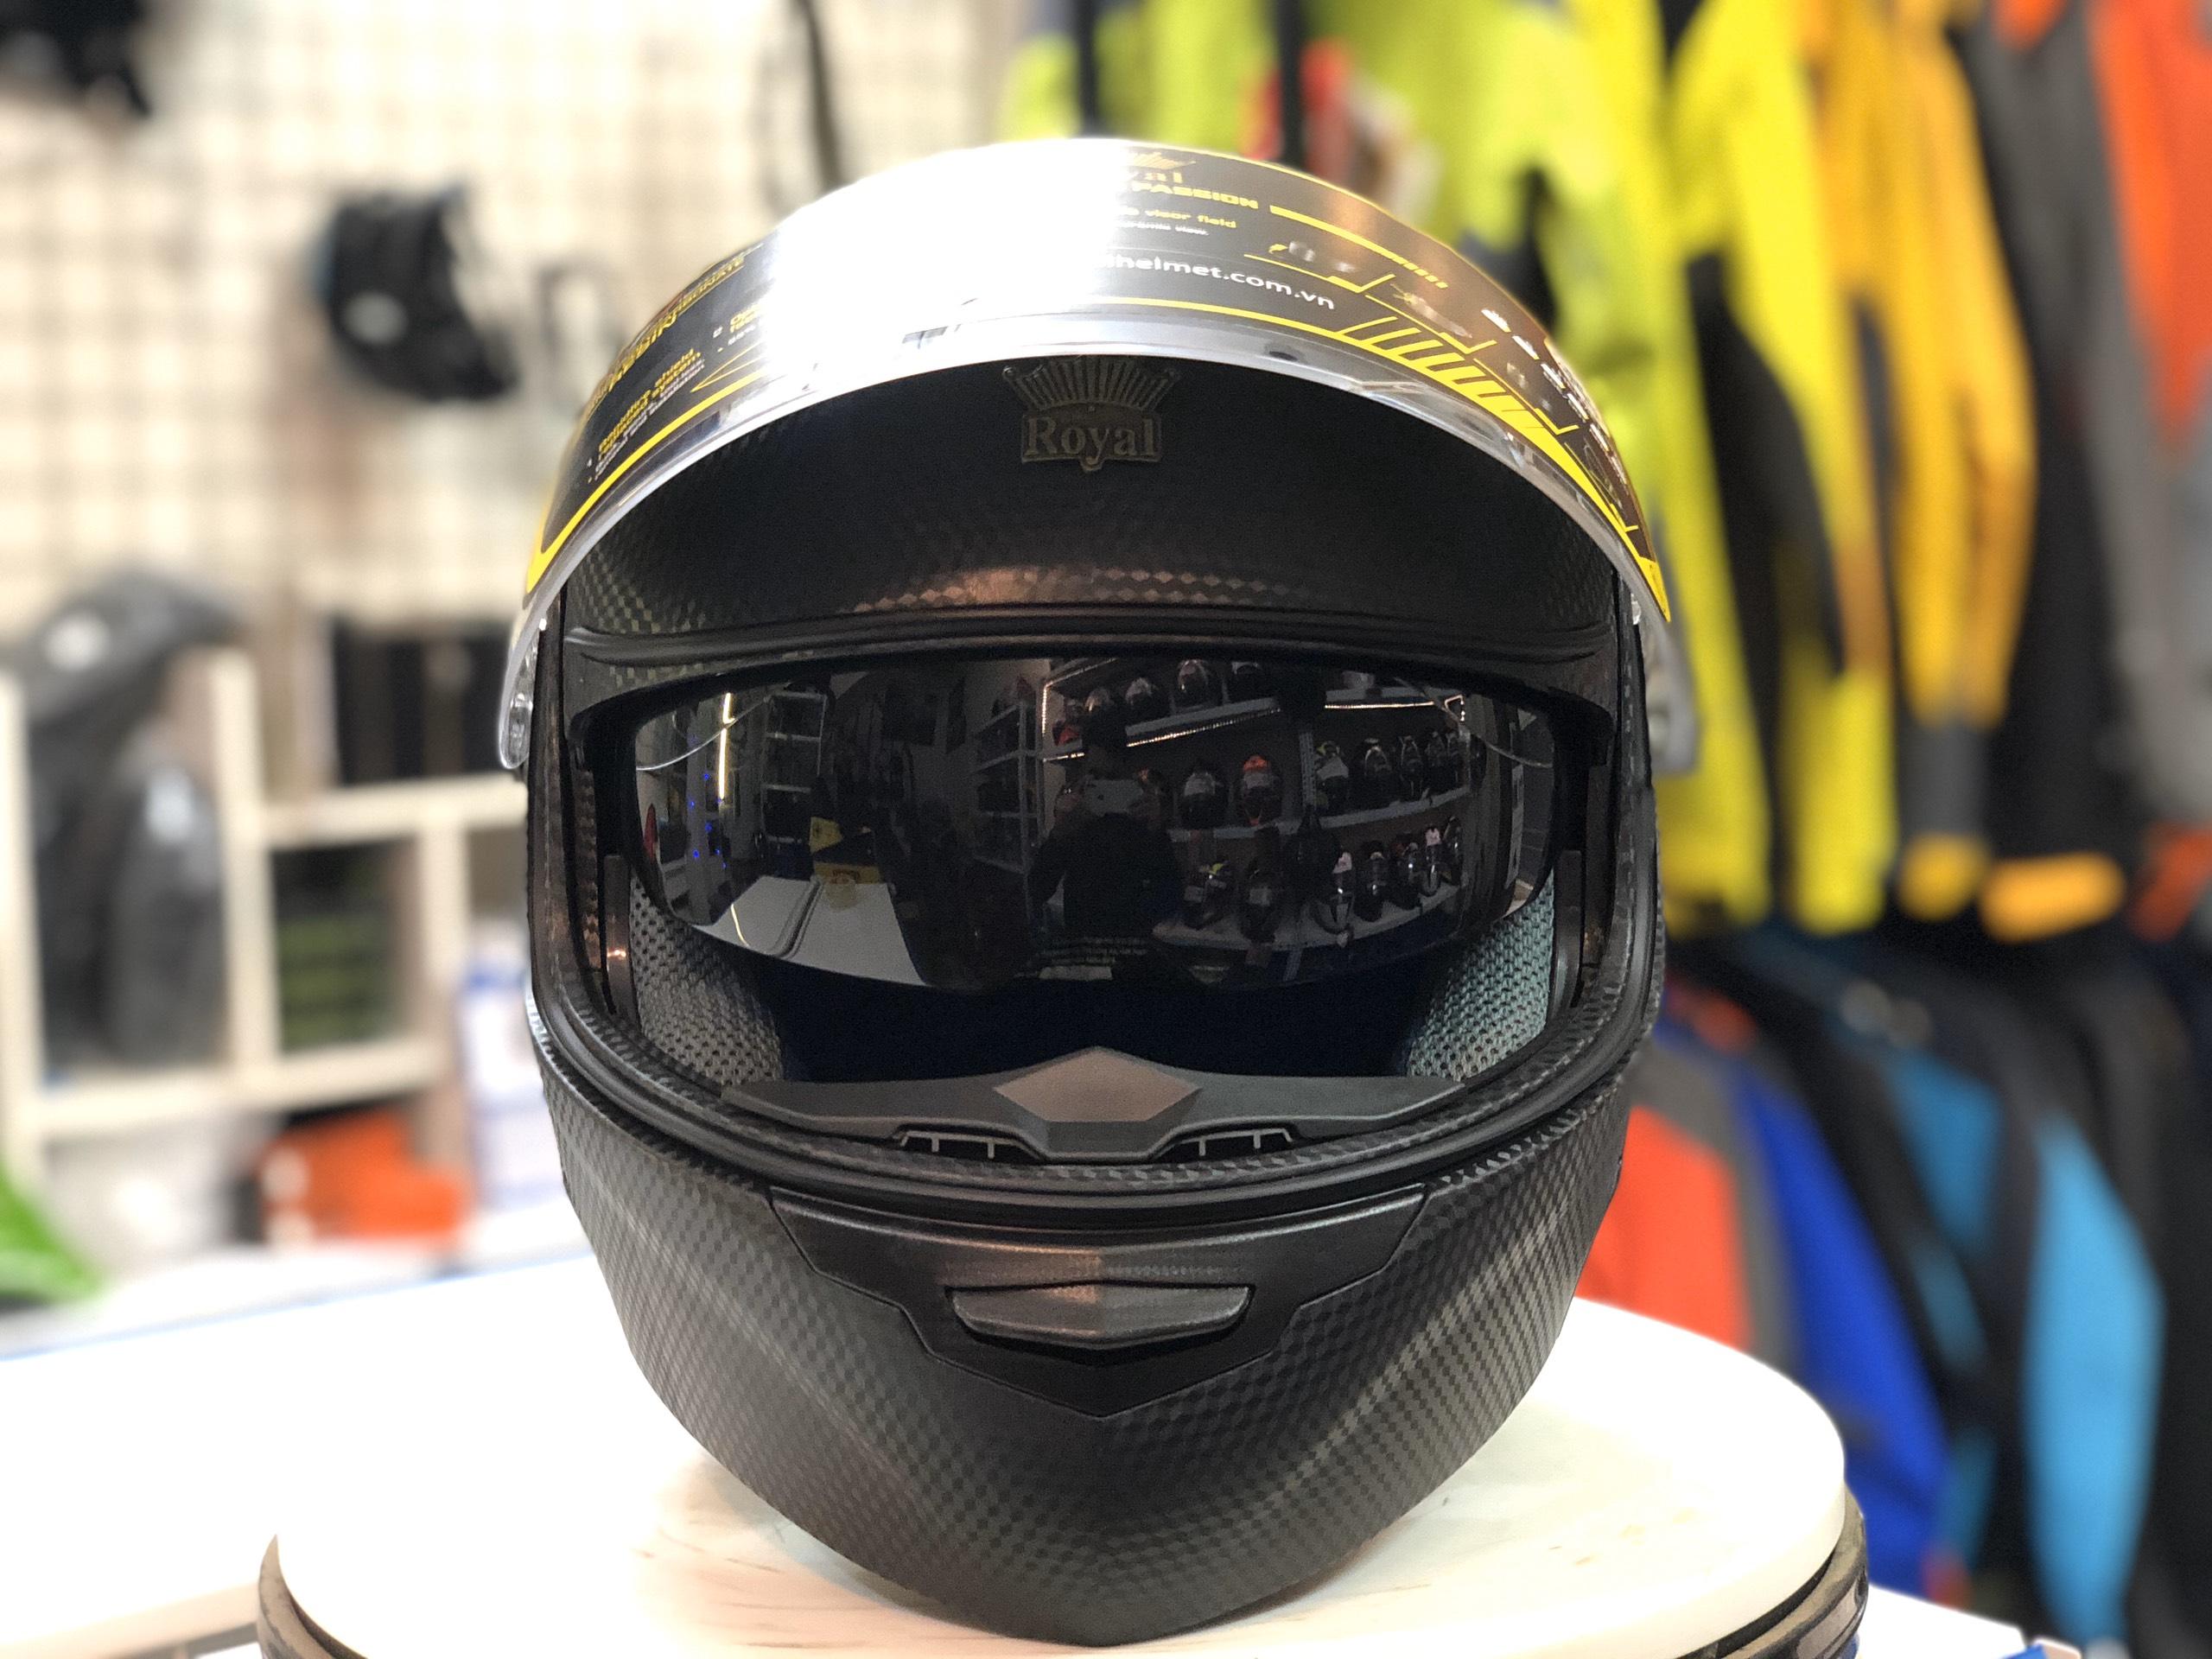 Mũ bảo hiểm Royal M179 đen (2)